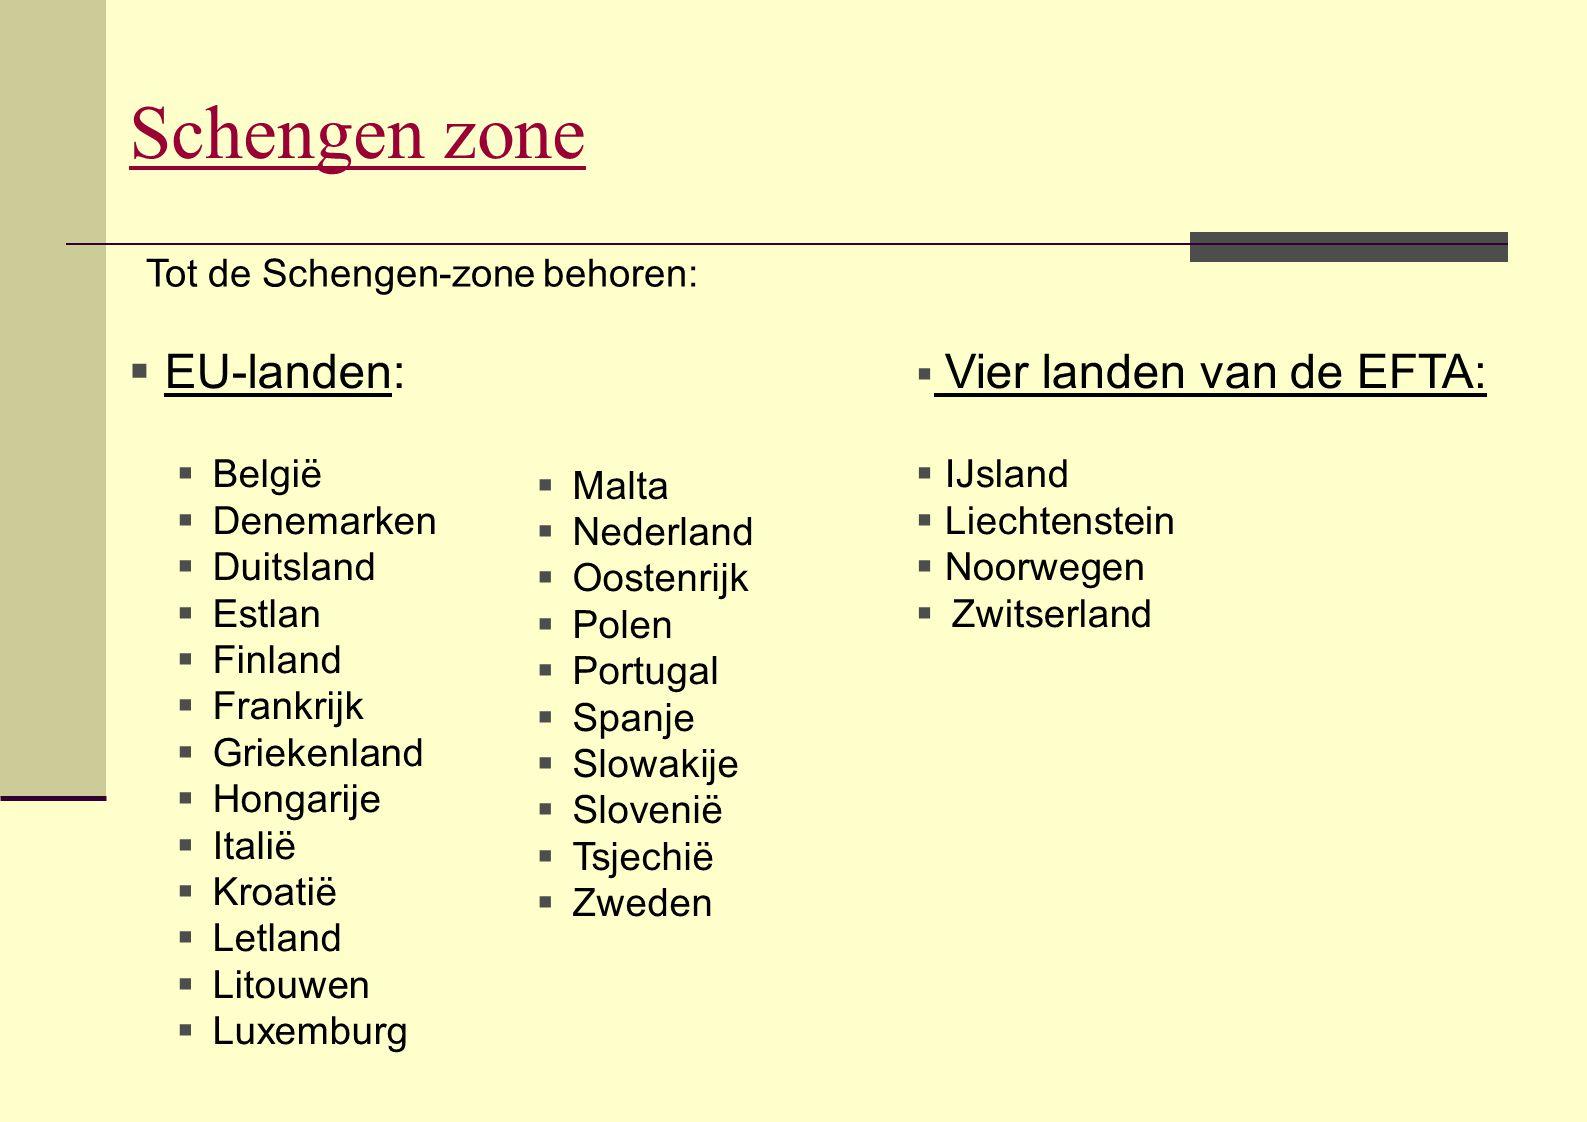 Schengen zone EU-landen: Tot de Schengen-zone behoren: België